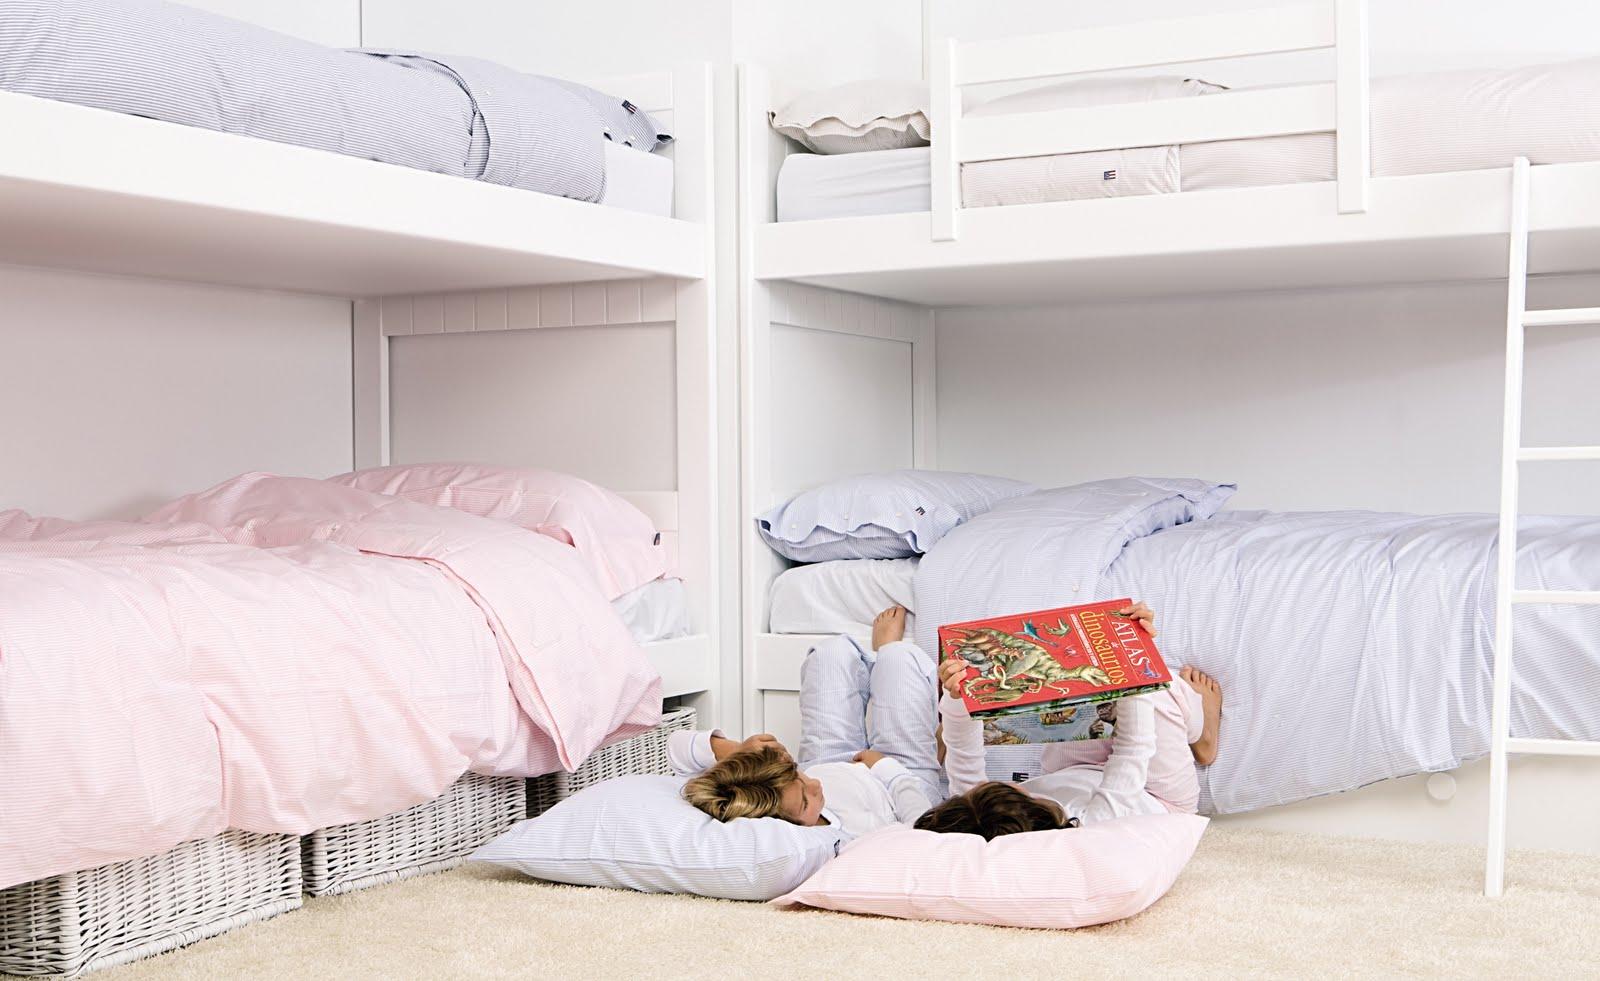 Dormitorios mediterraneo asoral - Habitaciones con friso ...